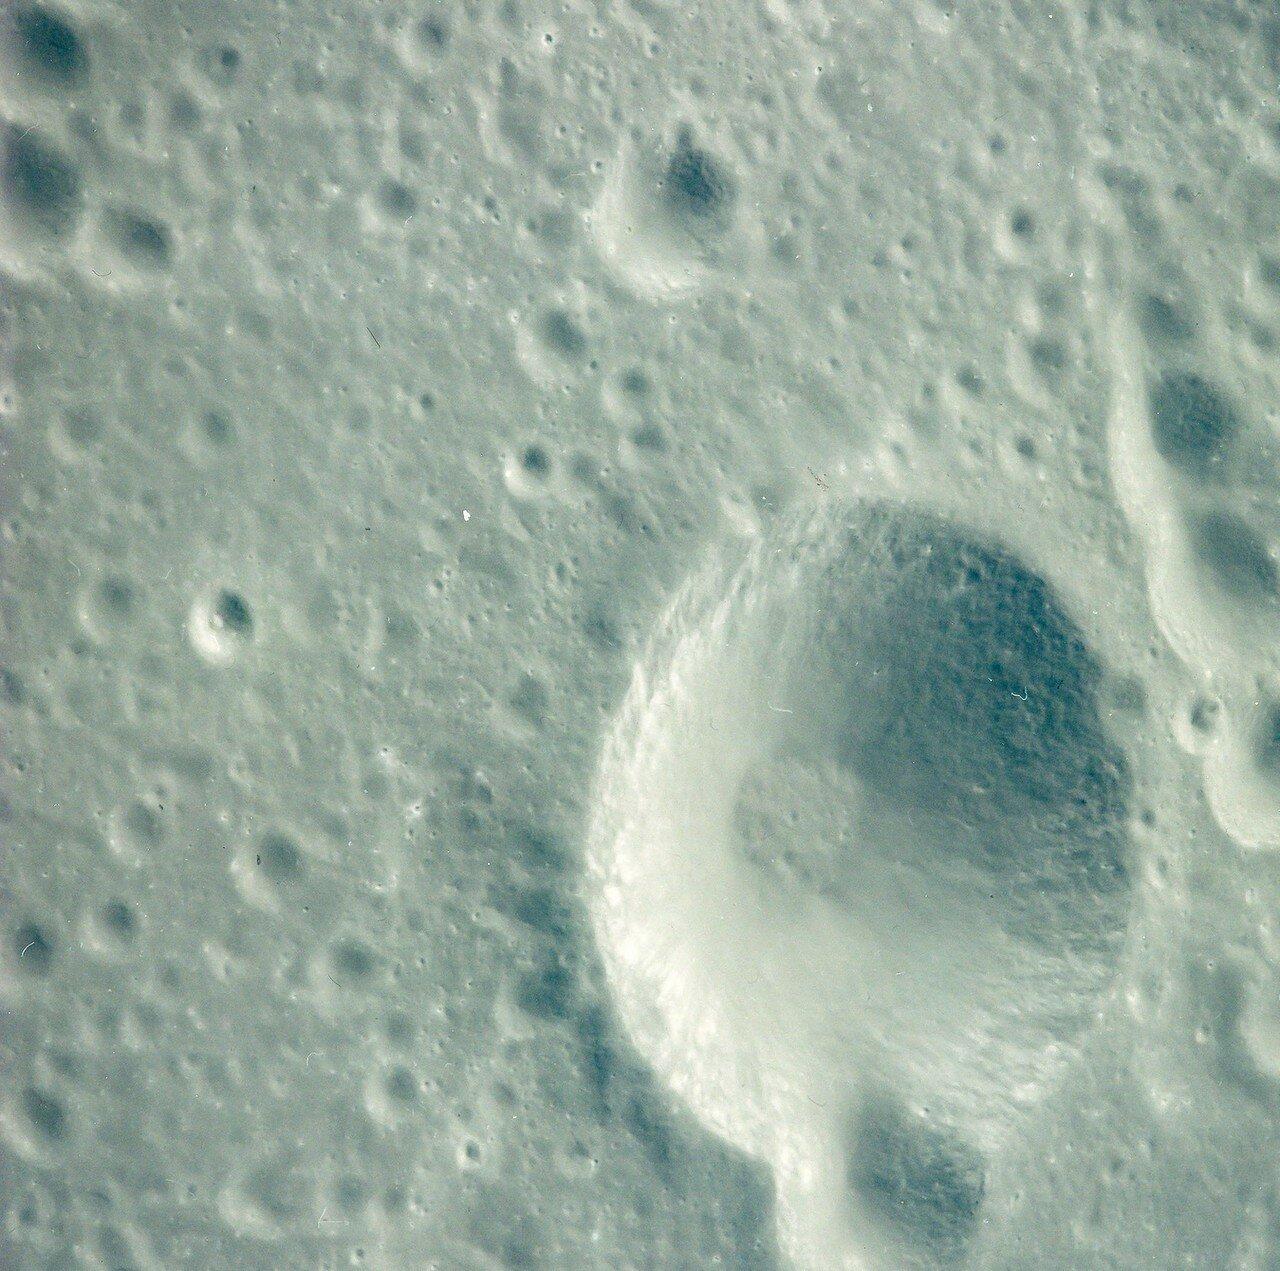 Он отработал 6 минут 15,1 секунды. Скорость корабля уменьшилась на 854,6 м/с, он вышел на эллиптическую окололунную орбиту с апоселением 315,6 км и периселением 108 км. На снимке: кратер Менделеева